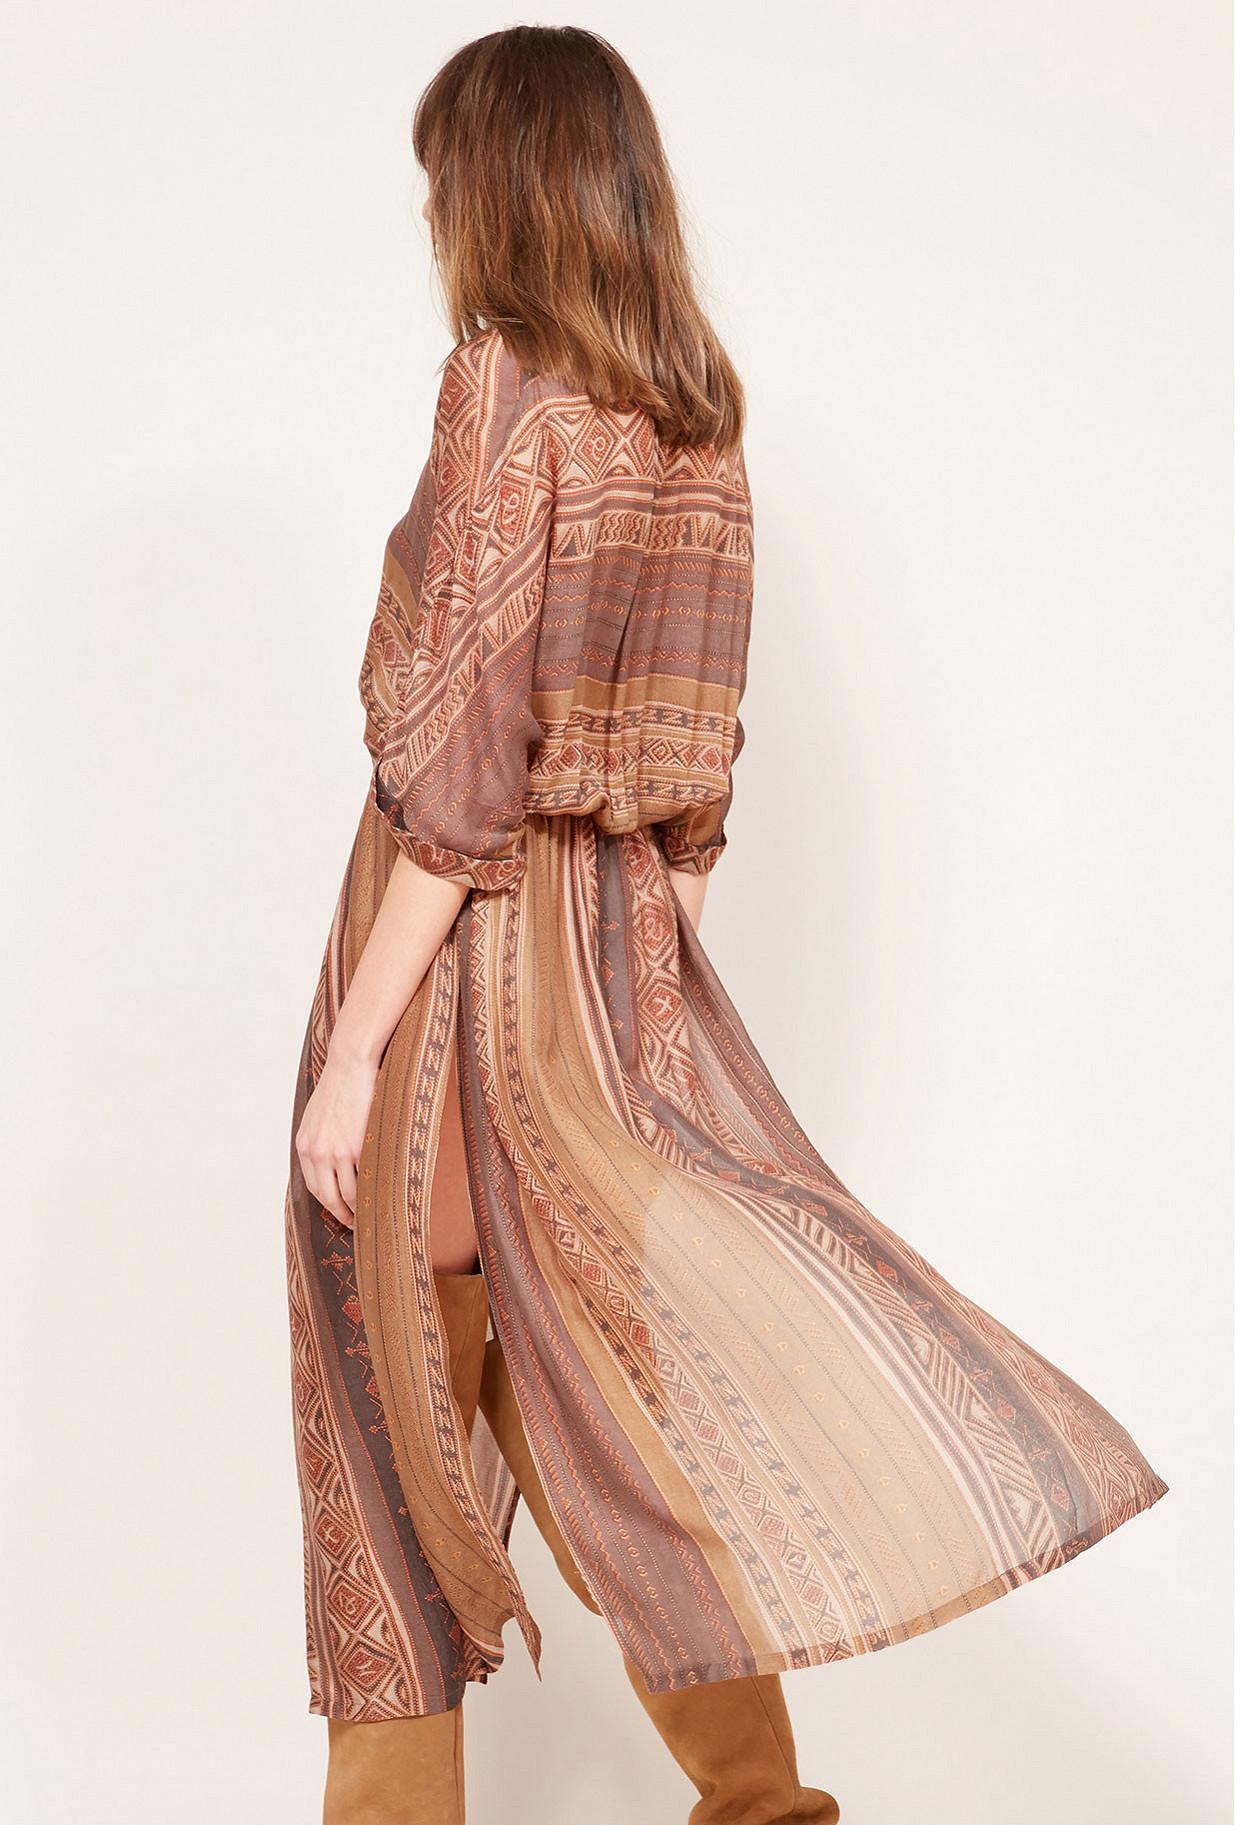 Paris clothes store Dress  Cathy french designer fashion Paris